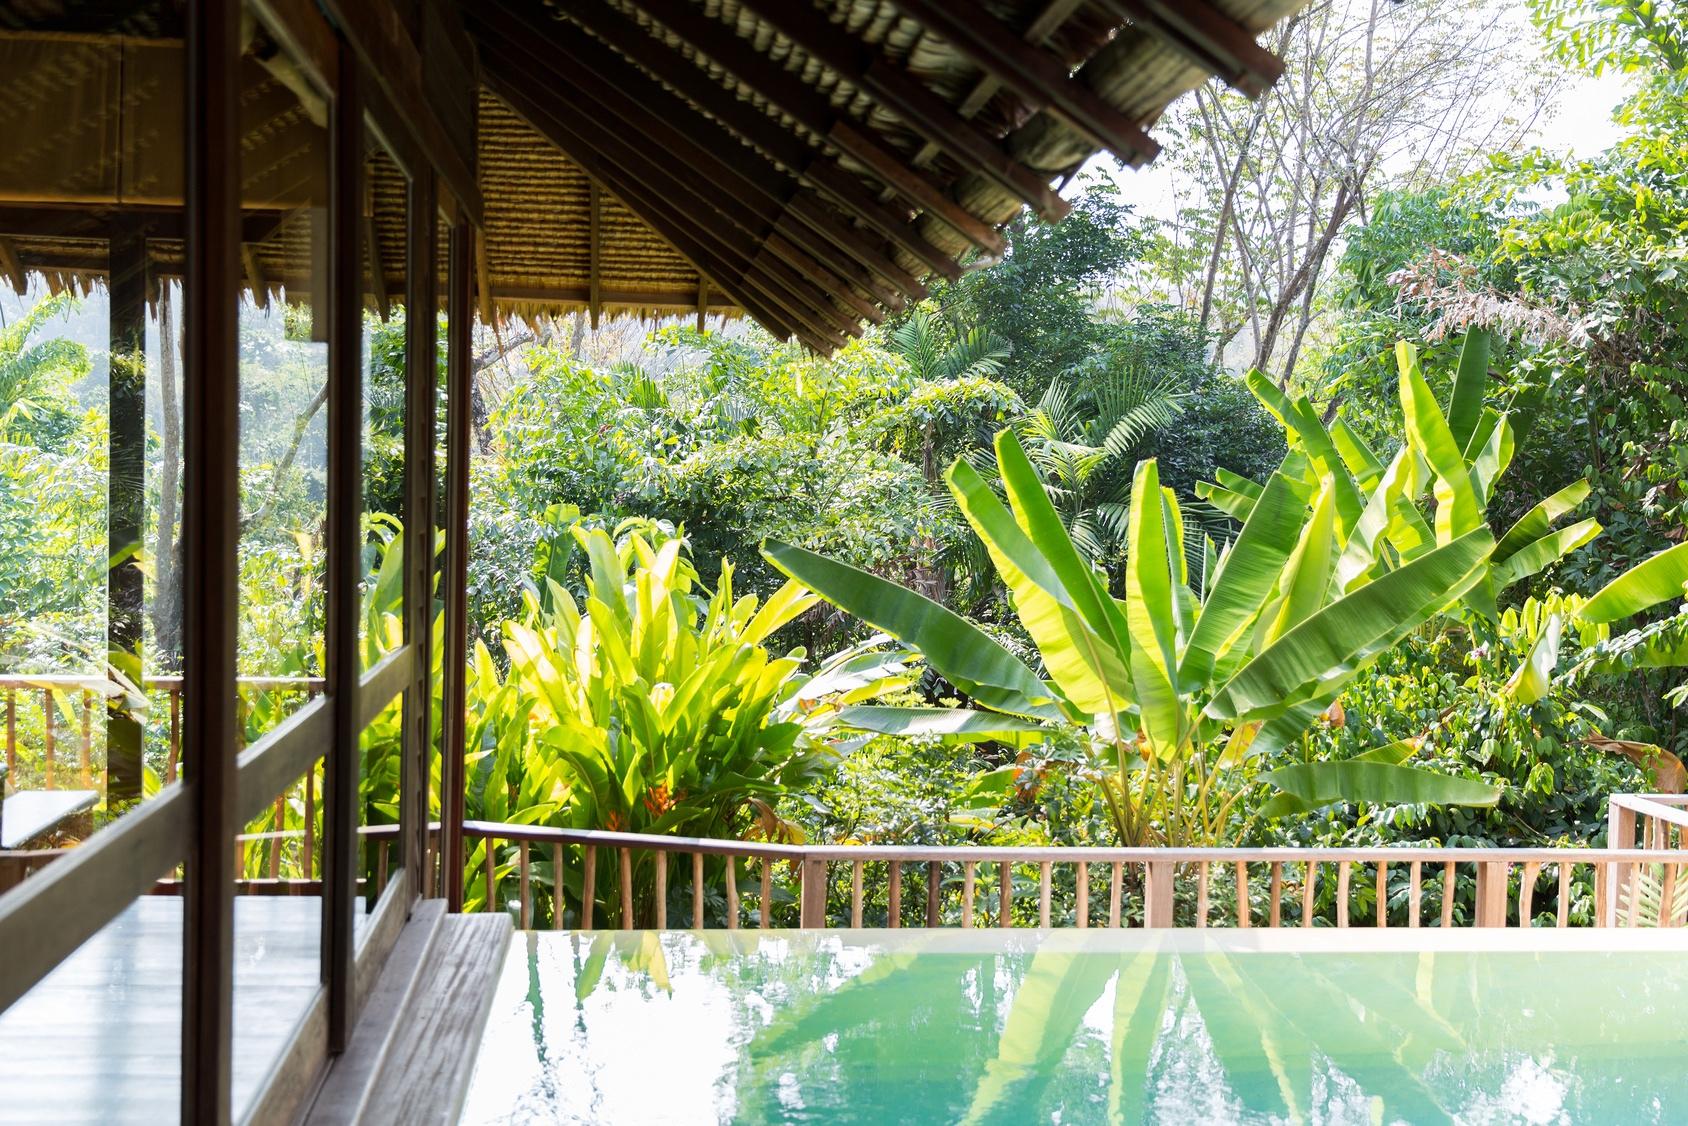 Eco hotel trend